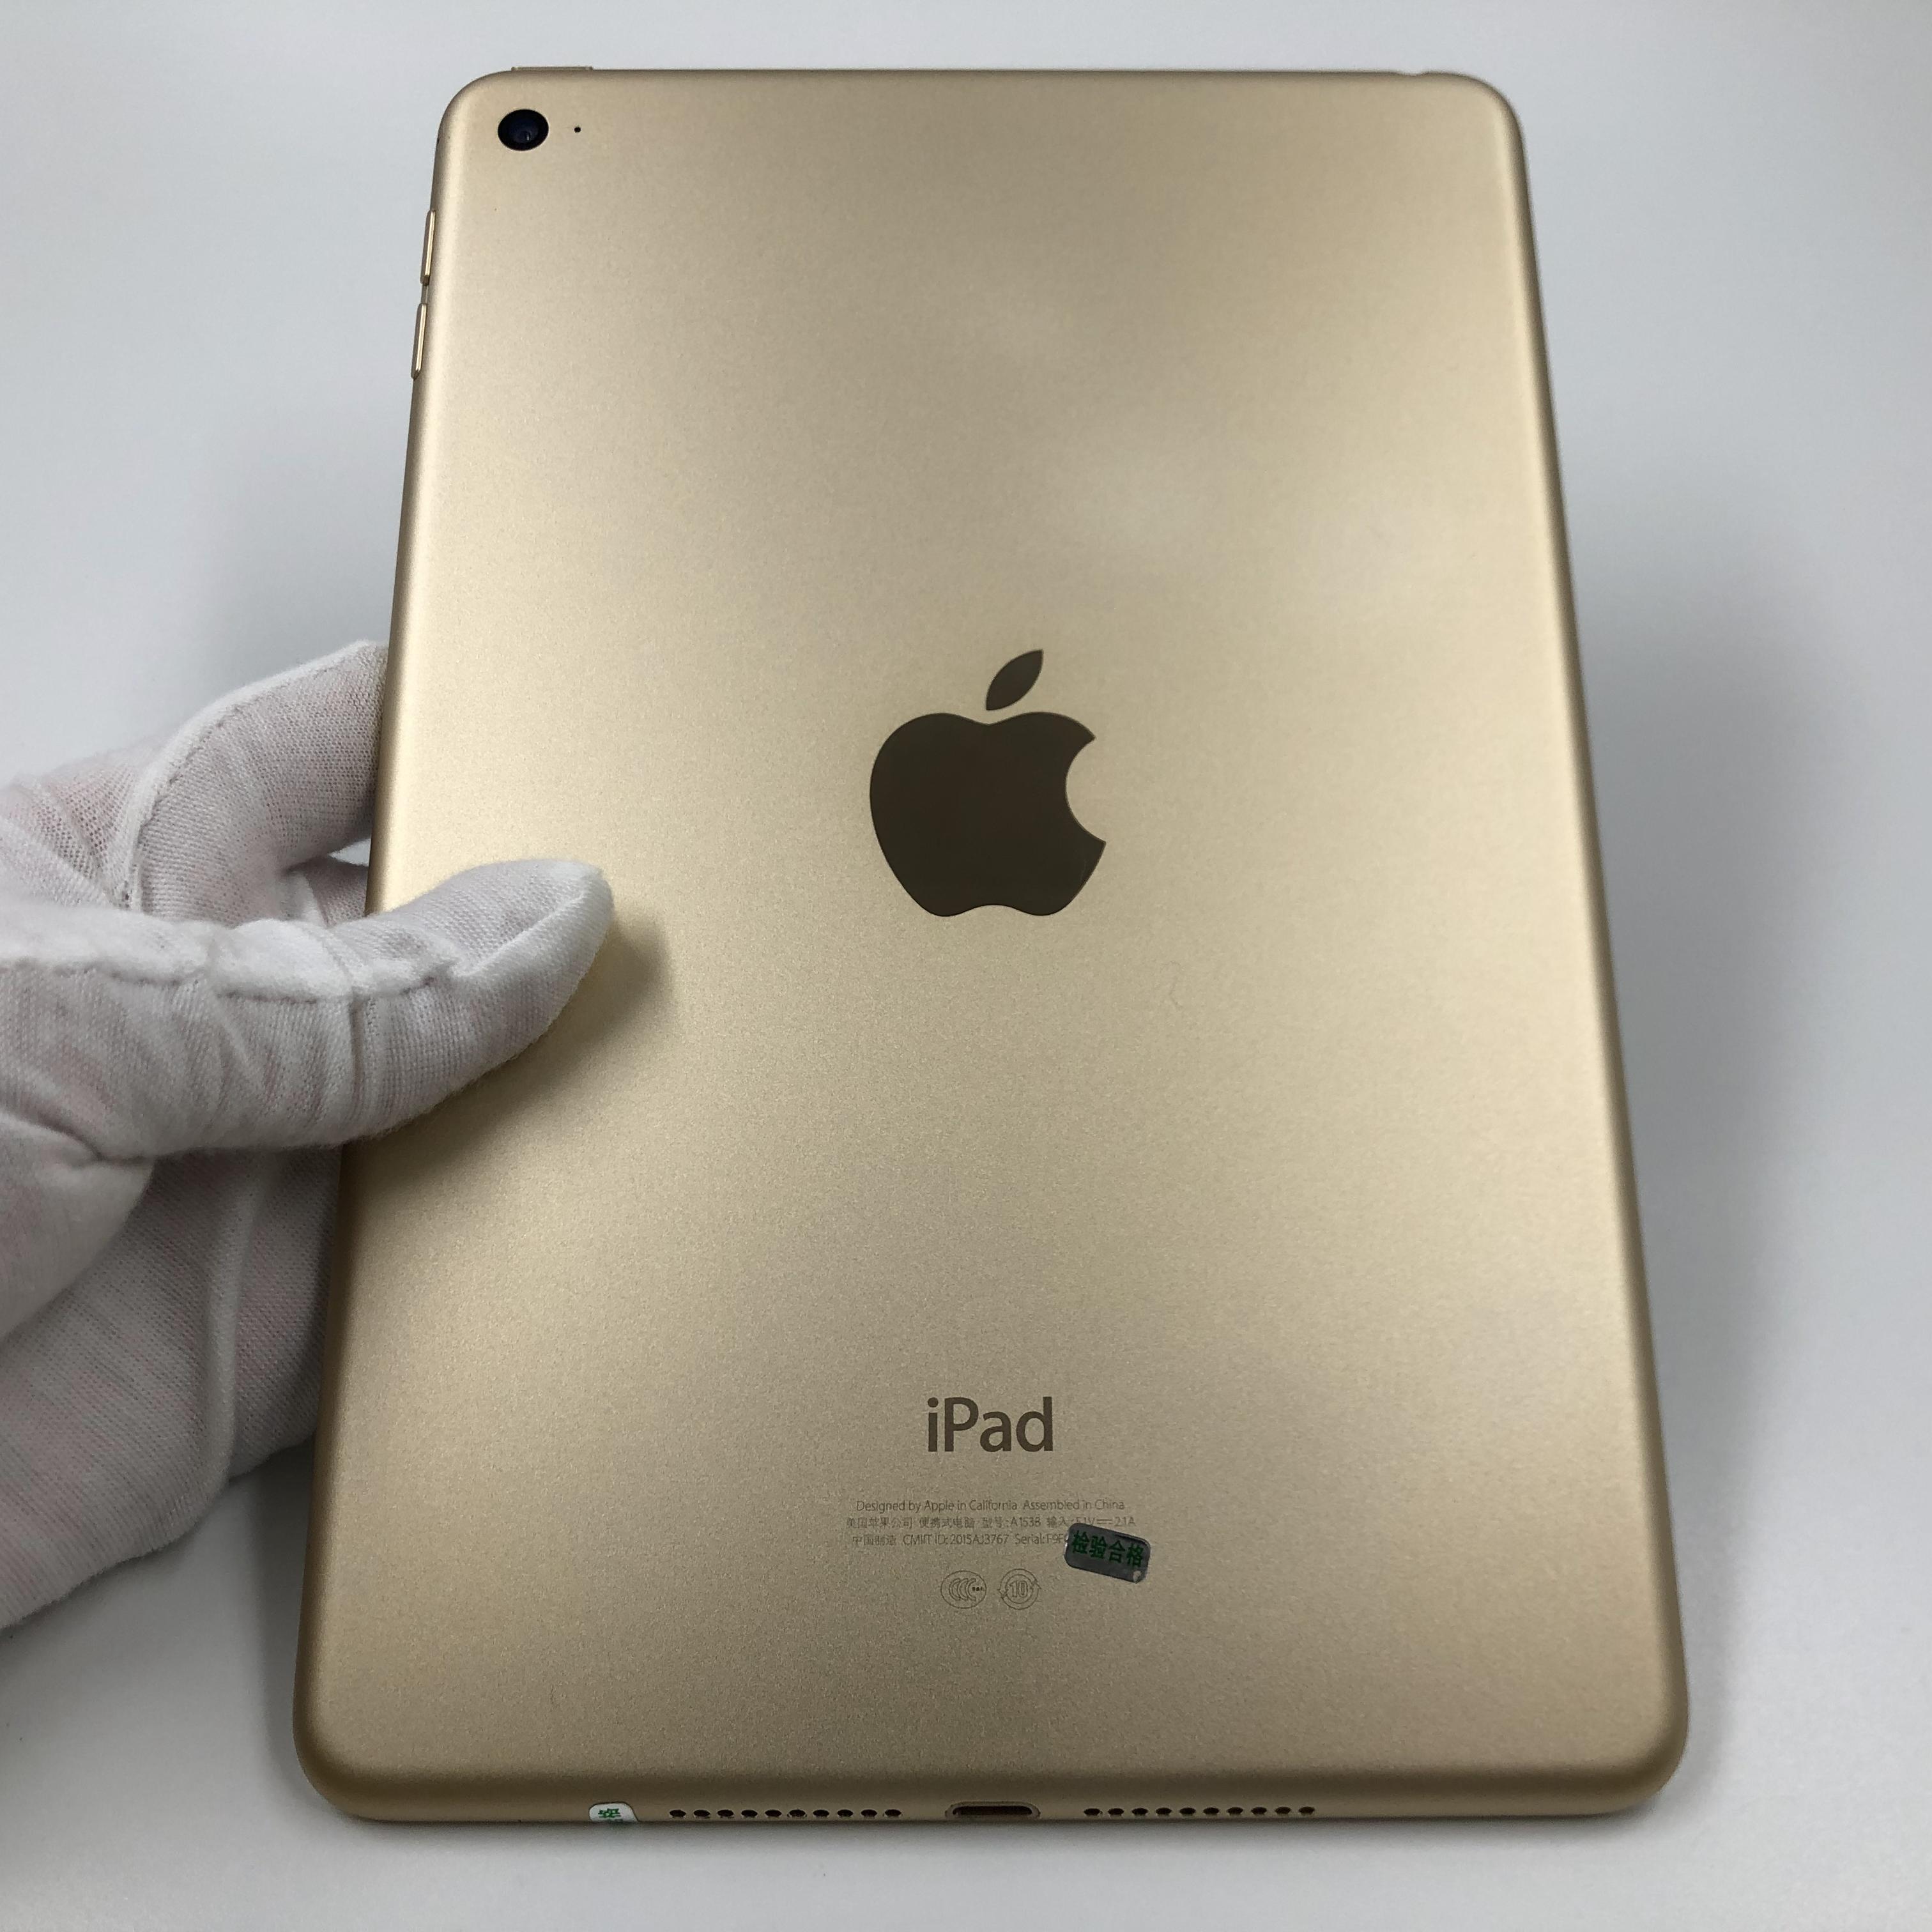 苹果【iPad mini 4】WIFI版 金色 64G 国行 8成新 真机实拍